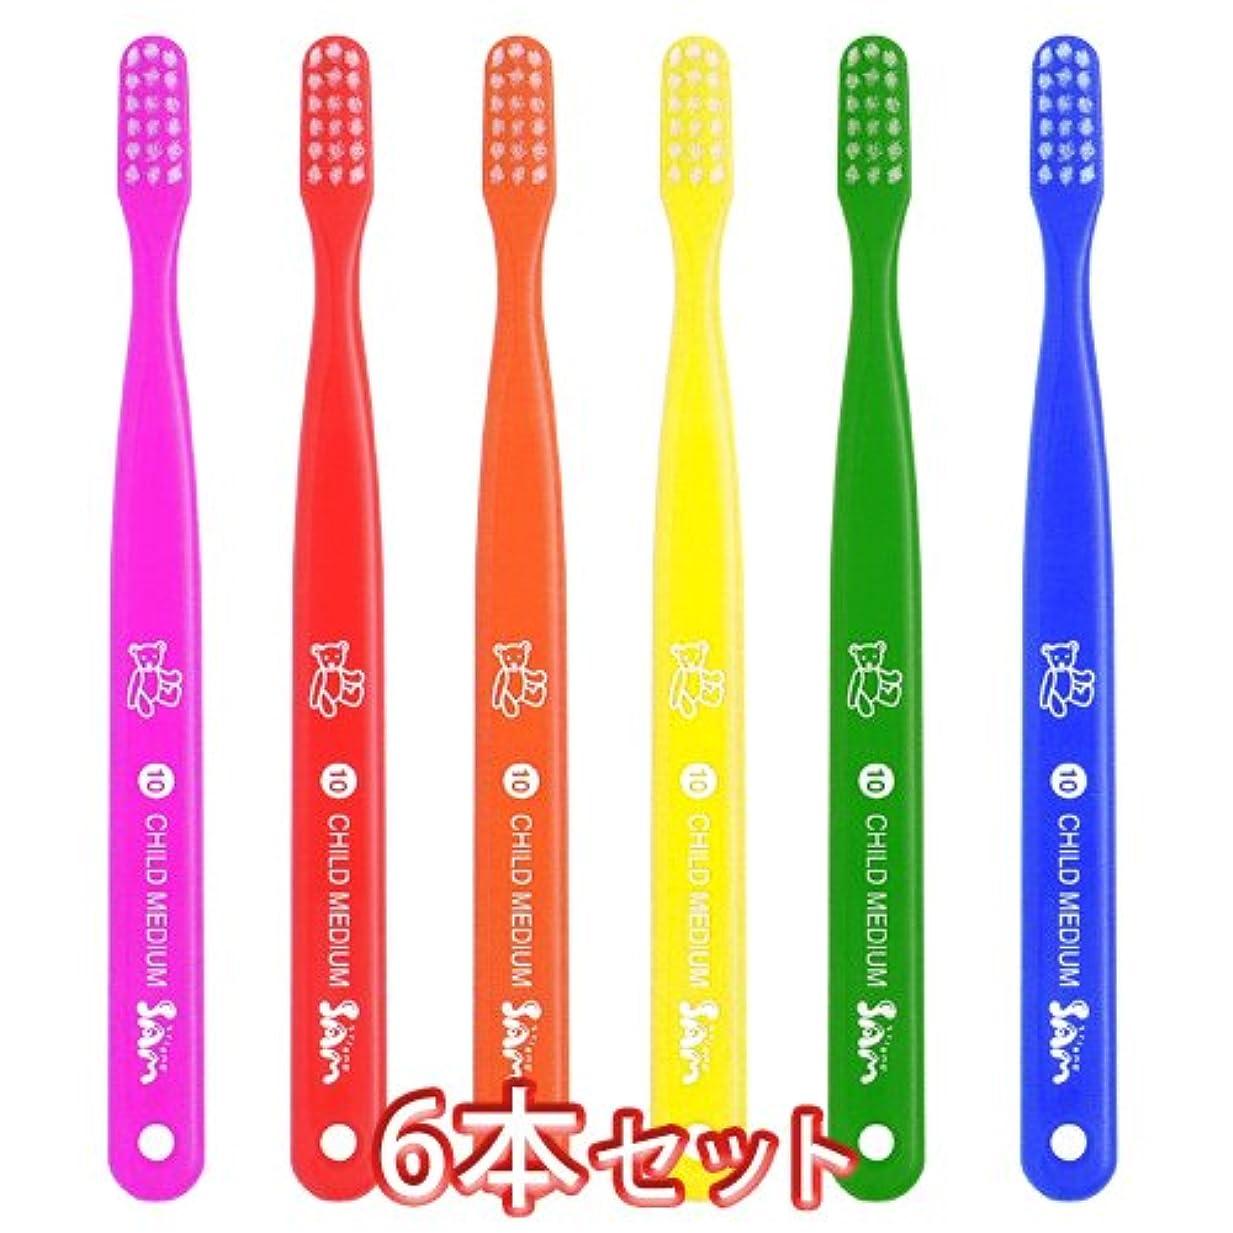 アイスクリーム委員会モバイルサムフレンド ベーシック 歯ブラシ × 6本 アソート (10)